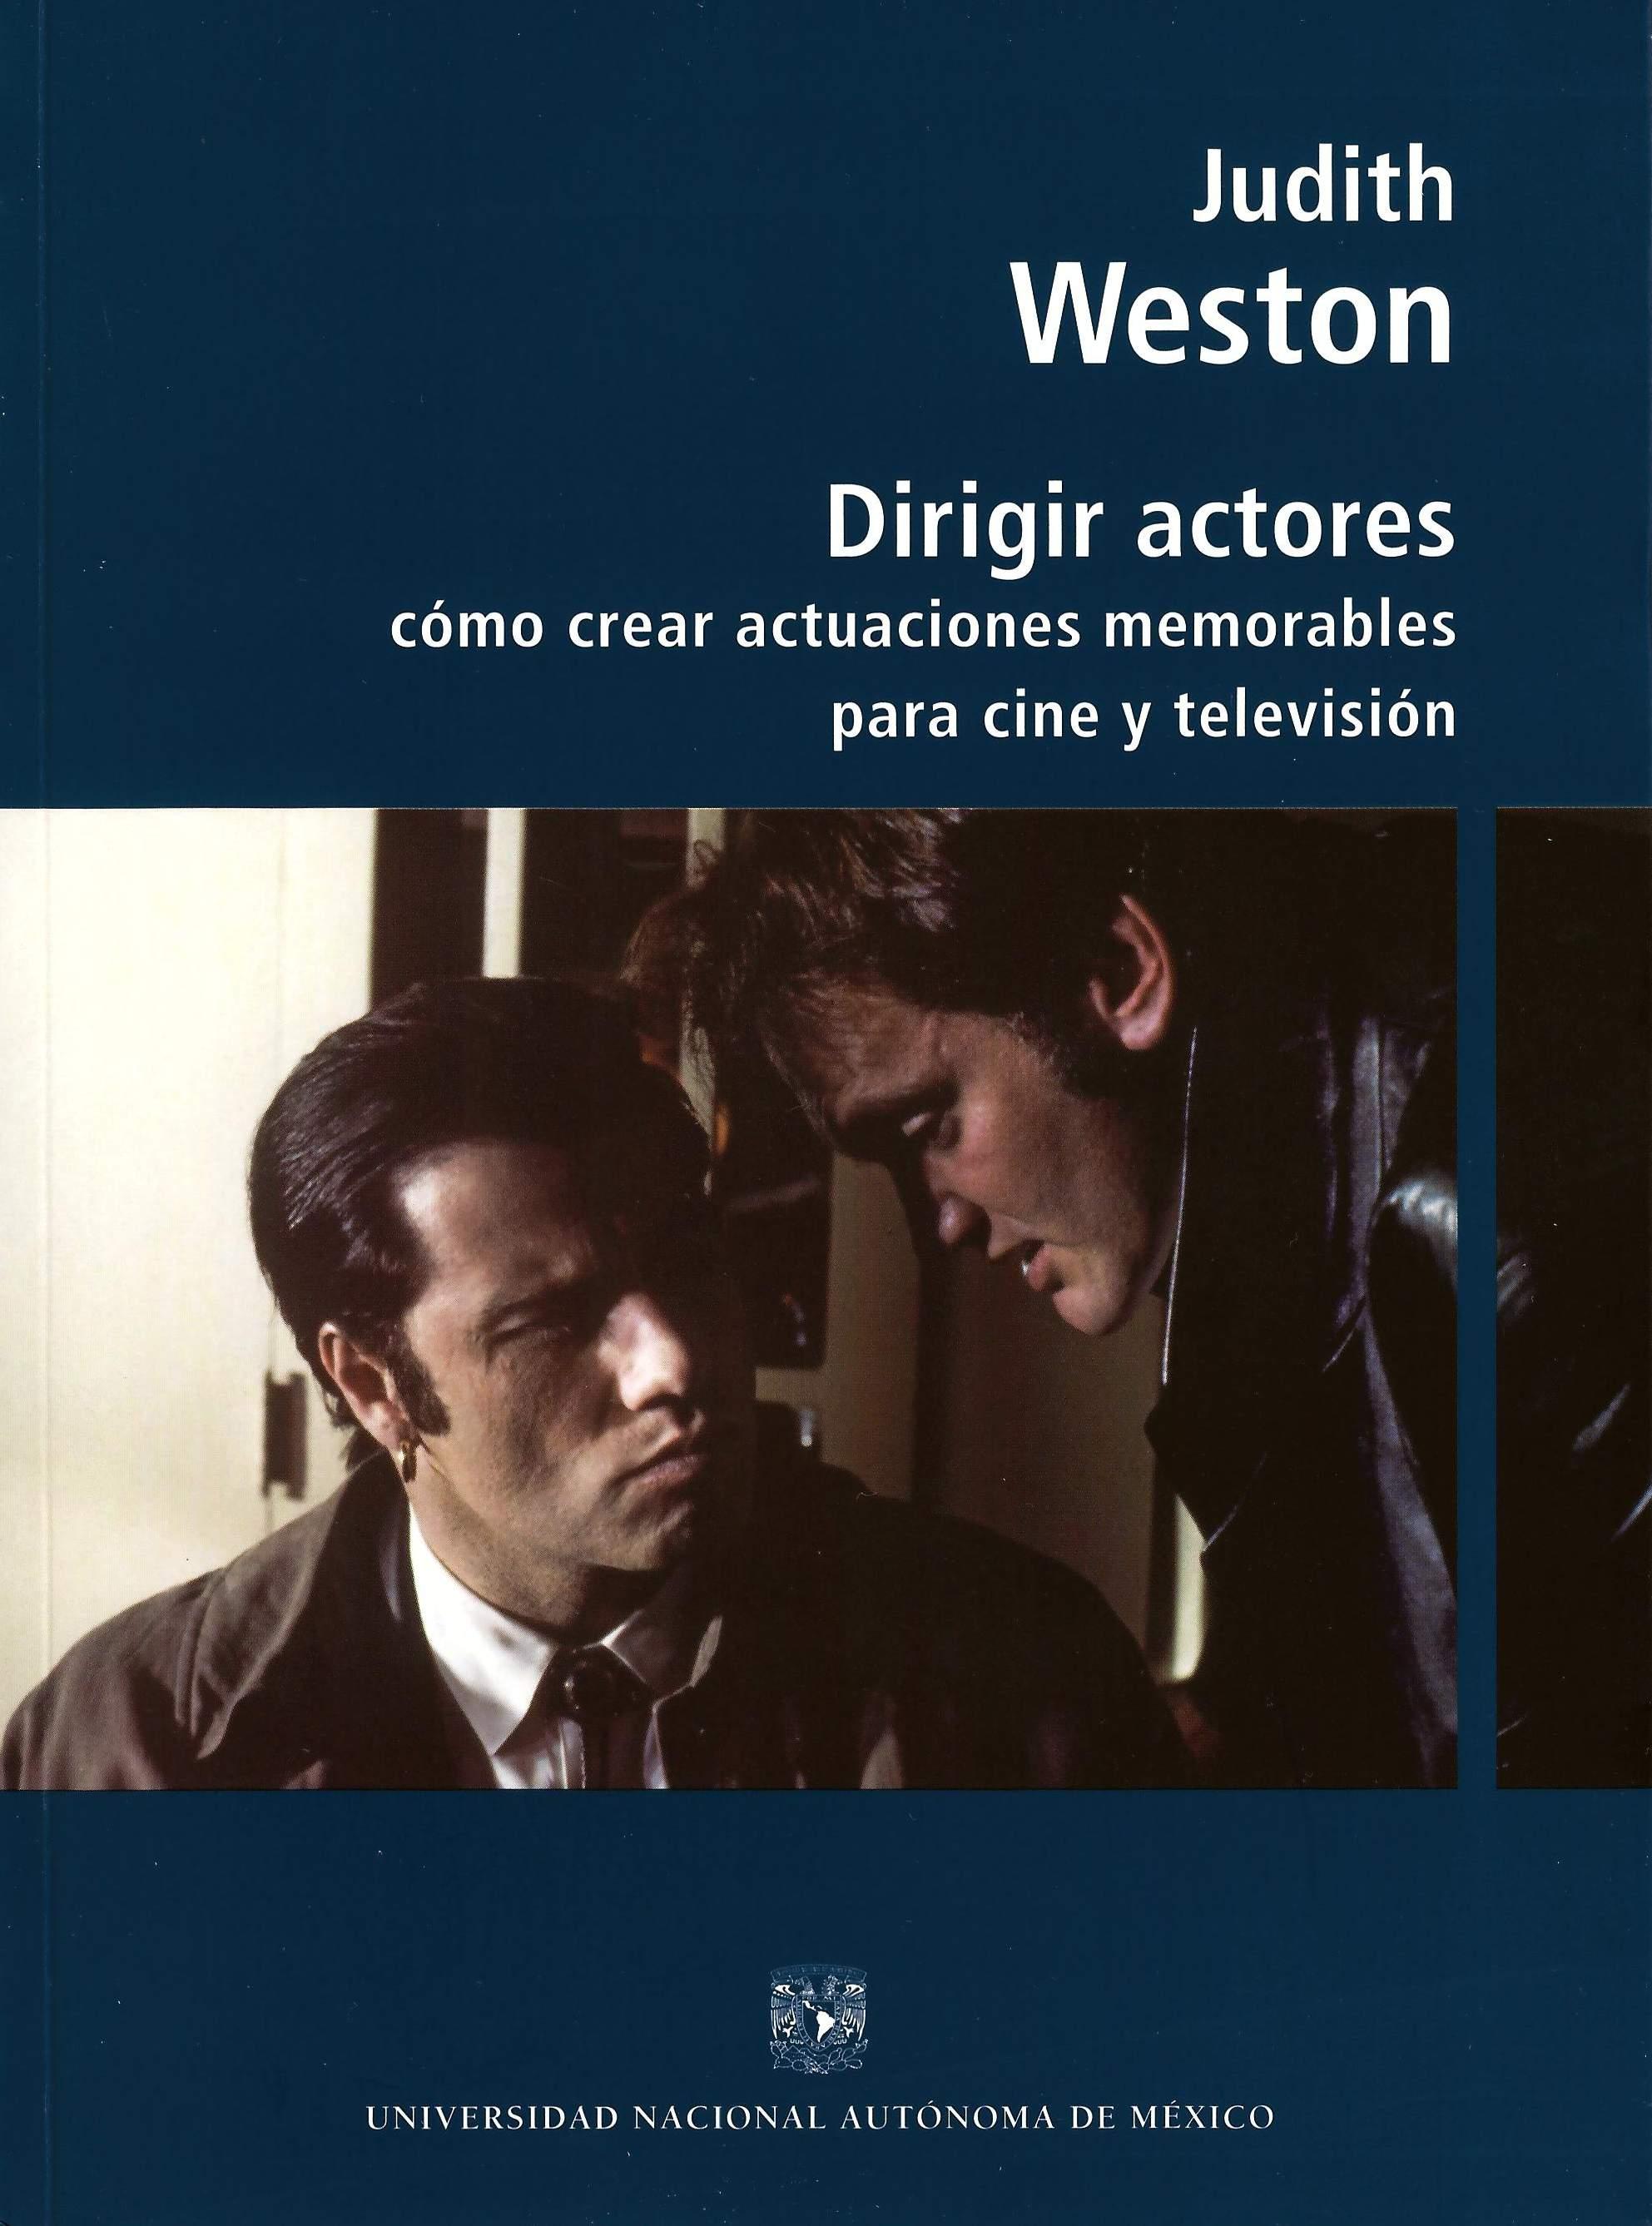 Dirigir actores: cómo crear actuaciones memorables para cine y televisión